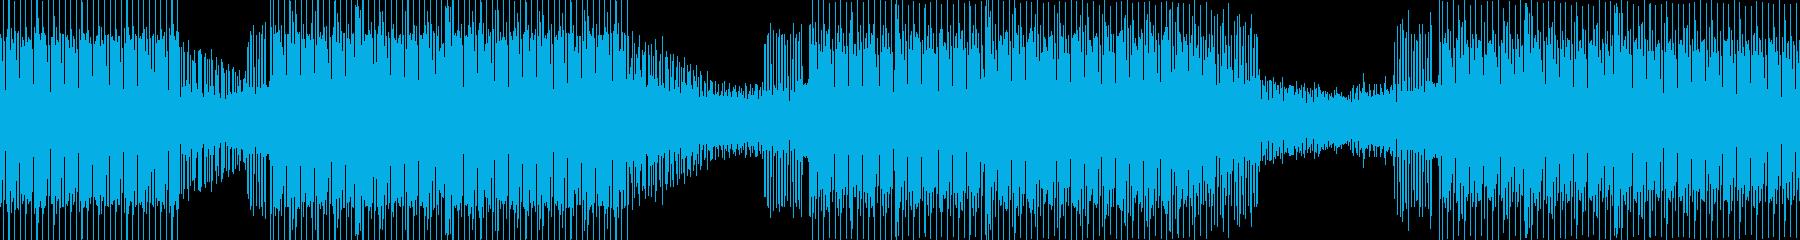 ハウスピアノオールドスクールスタイ...の再生済みの波形